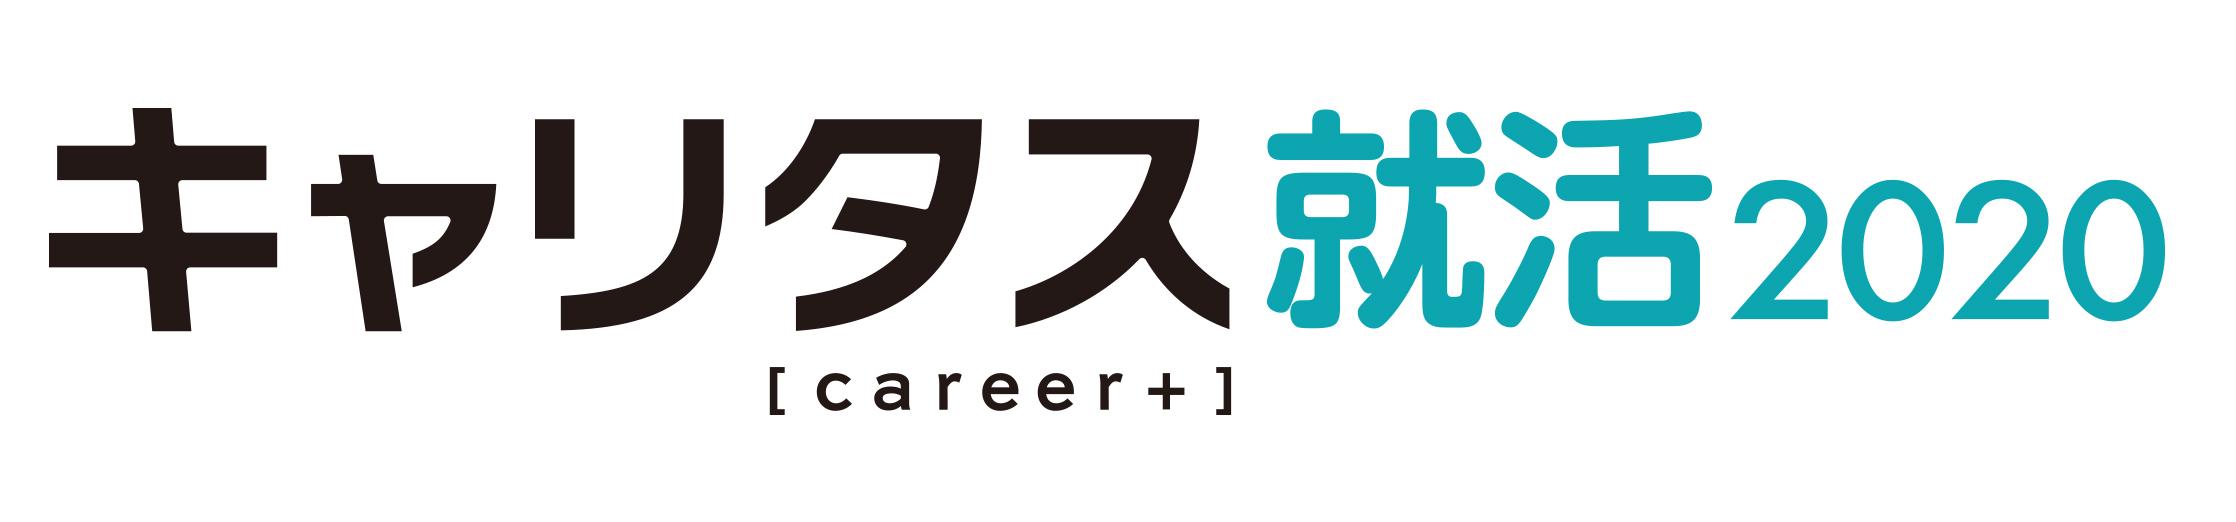 キャリタス就活2020(本サービス)_画像